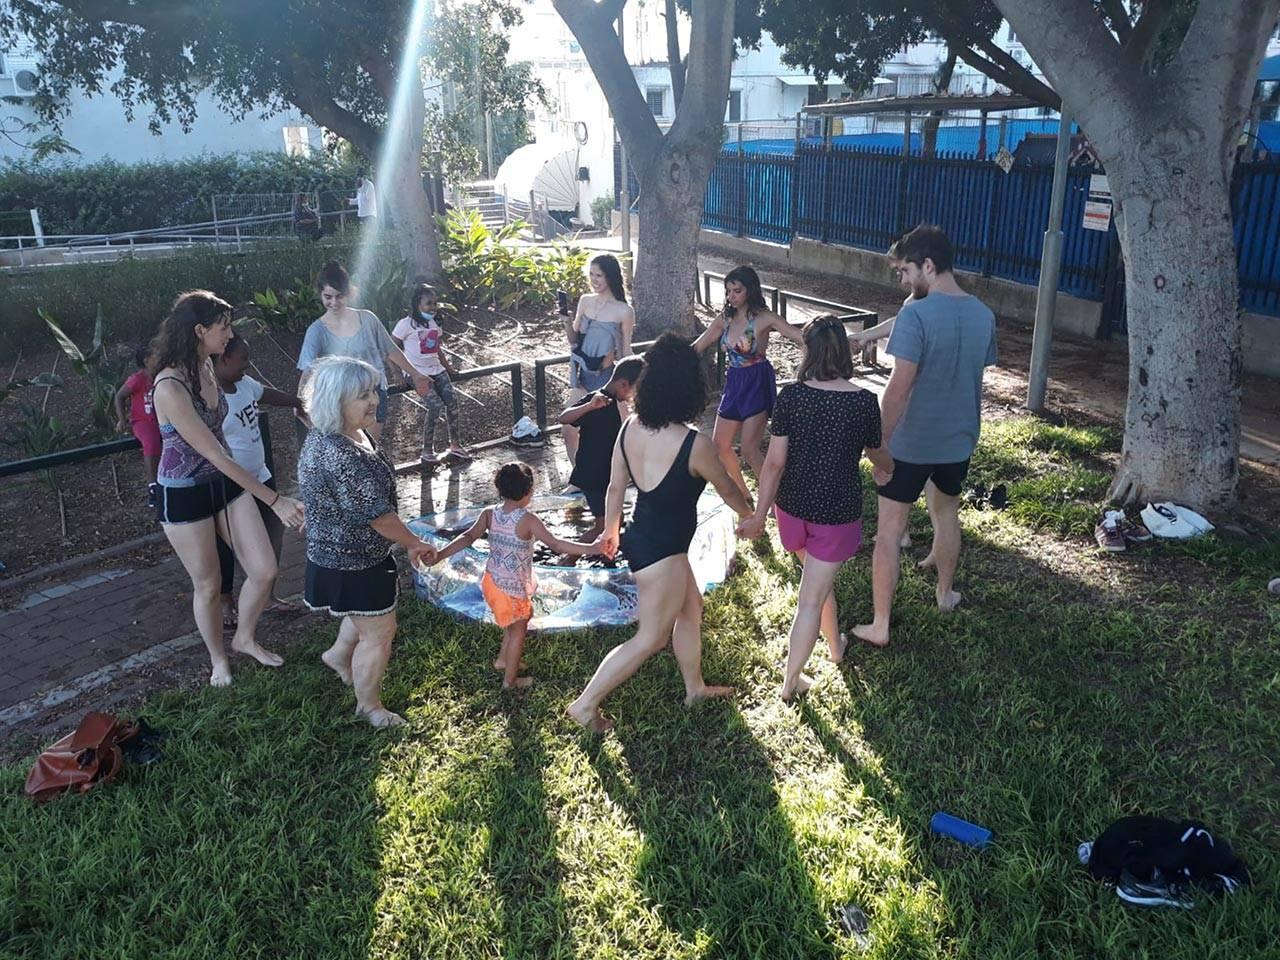 פעולות שיריות עם תושבי השכונה בהובלת שקד מוכיח